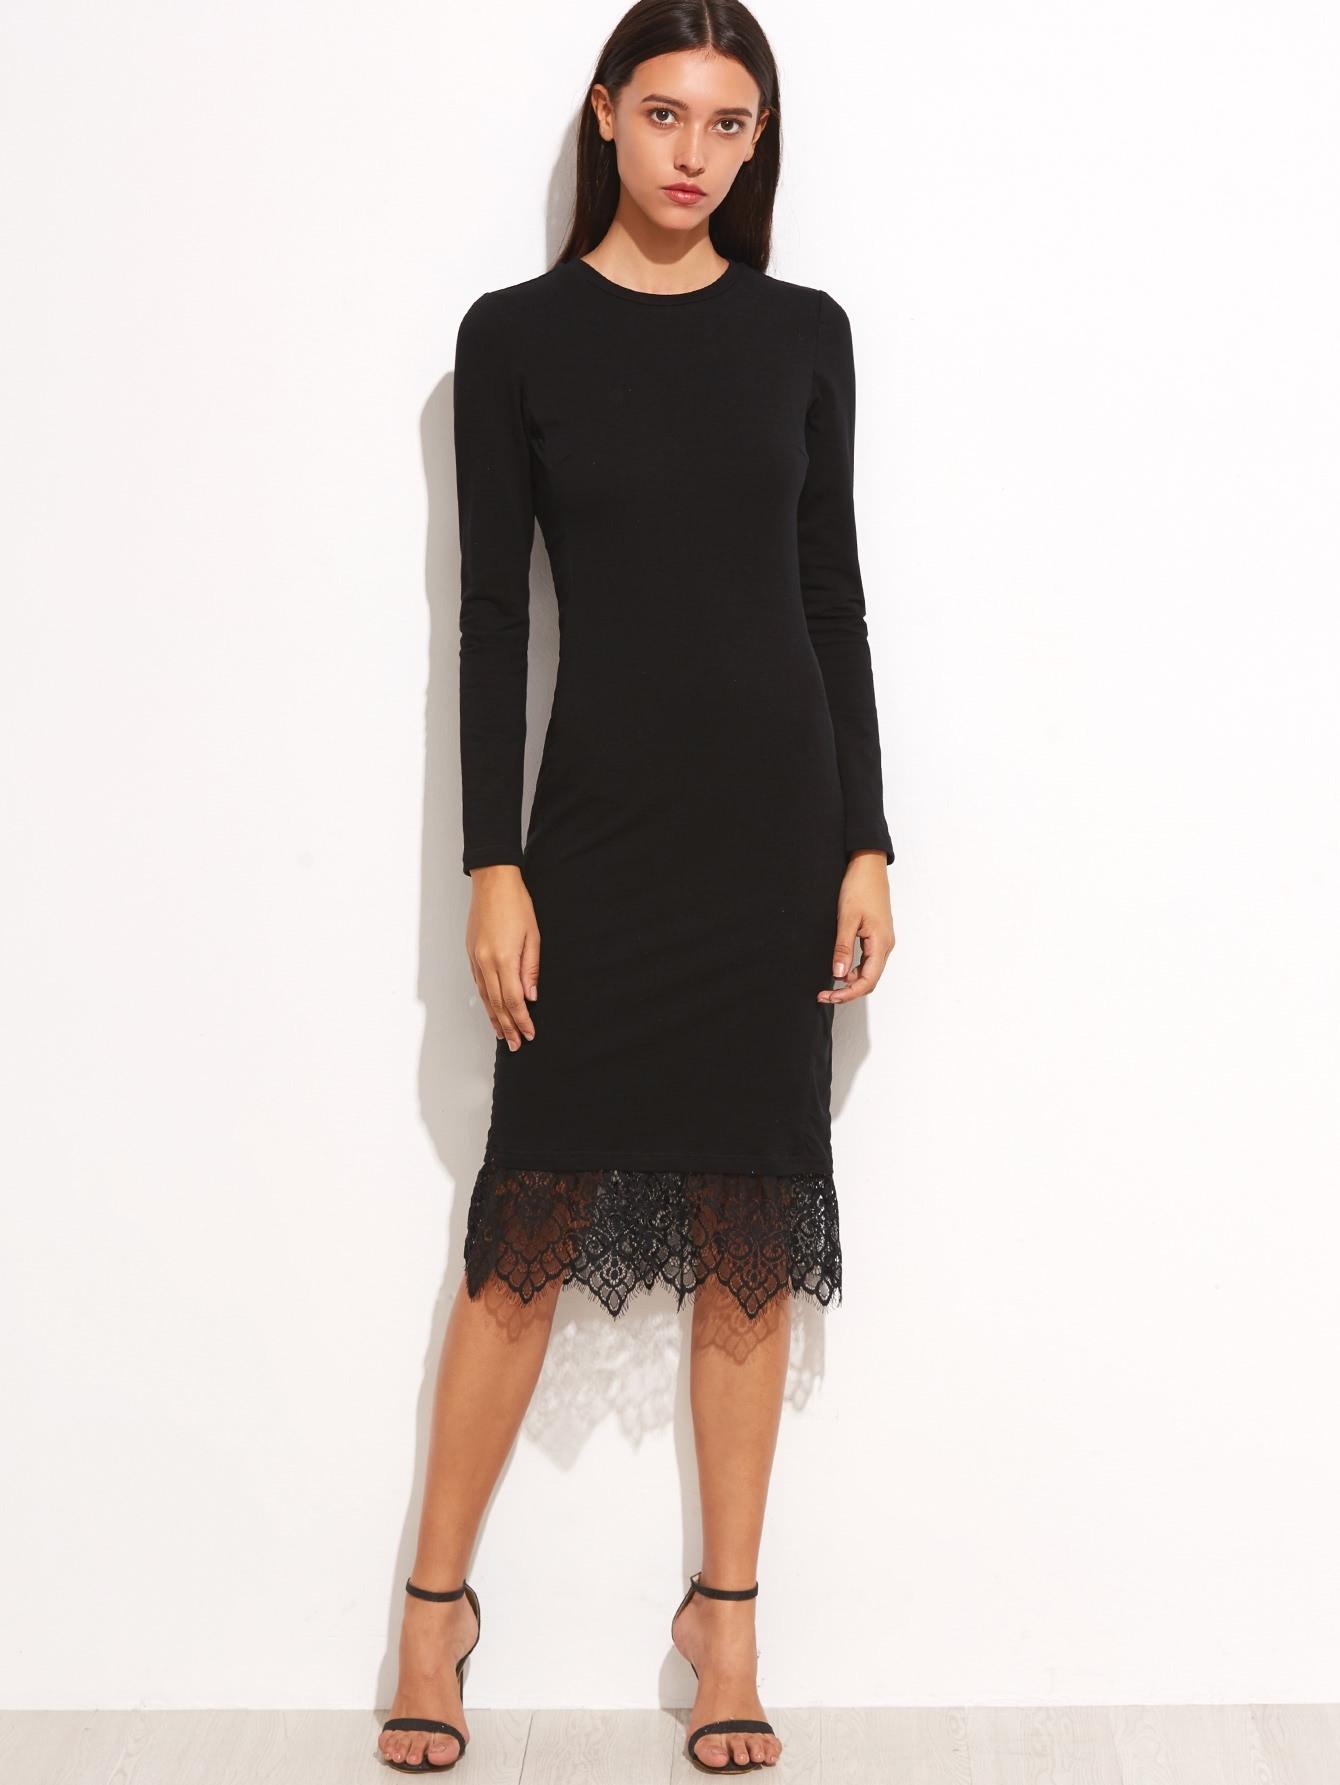 Formal Großartig Kleid Schwarz Langarm SpezialgebietFormal Schön Kleid Schwarz Langarm Design